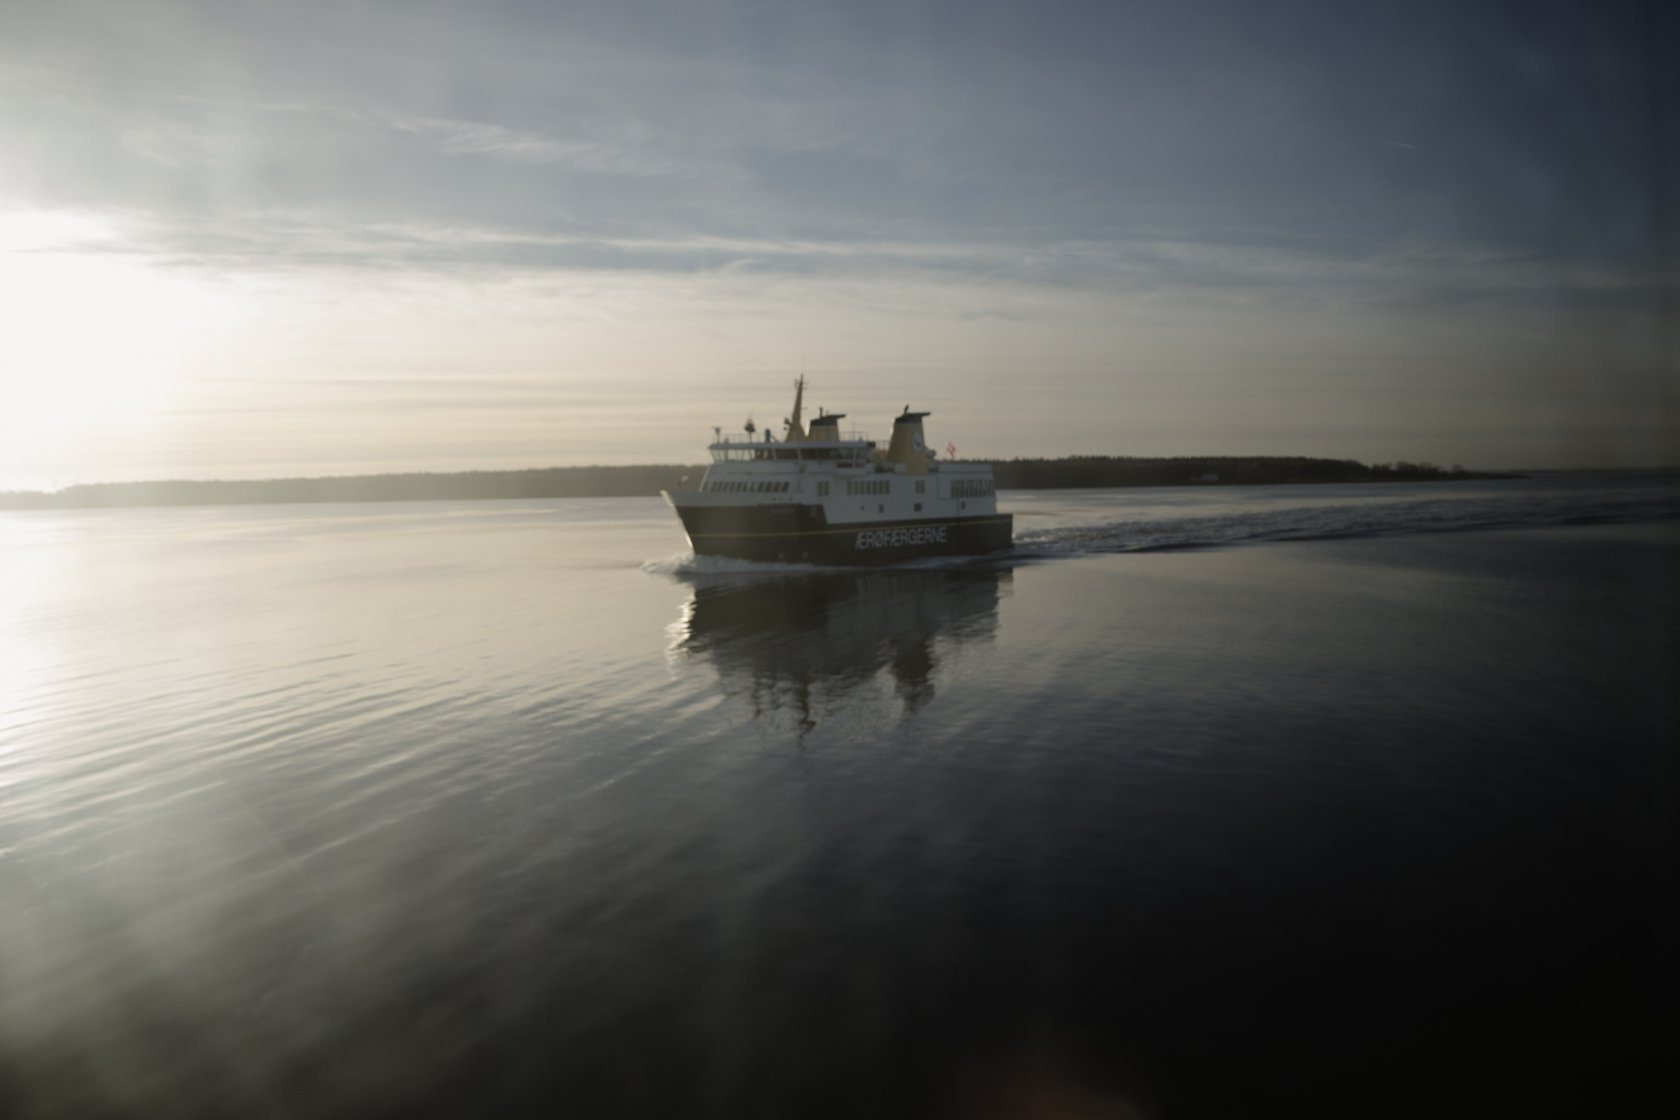 84aa59bf301 Det tager cirka 75 minutter at tage de 27 kilometer fra Svendborg til  Ærøskøbing med færgen. Nogle gange er det ikke hurtigt nok, og en enkelt  gang har en ...